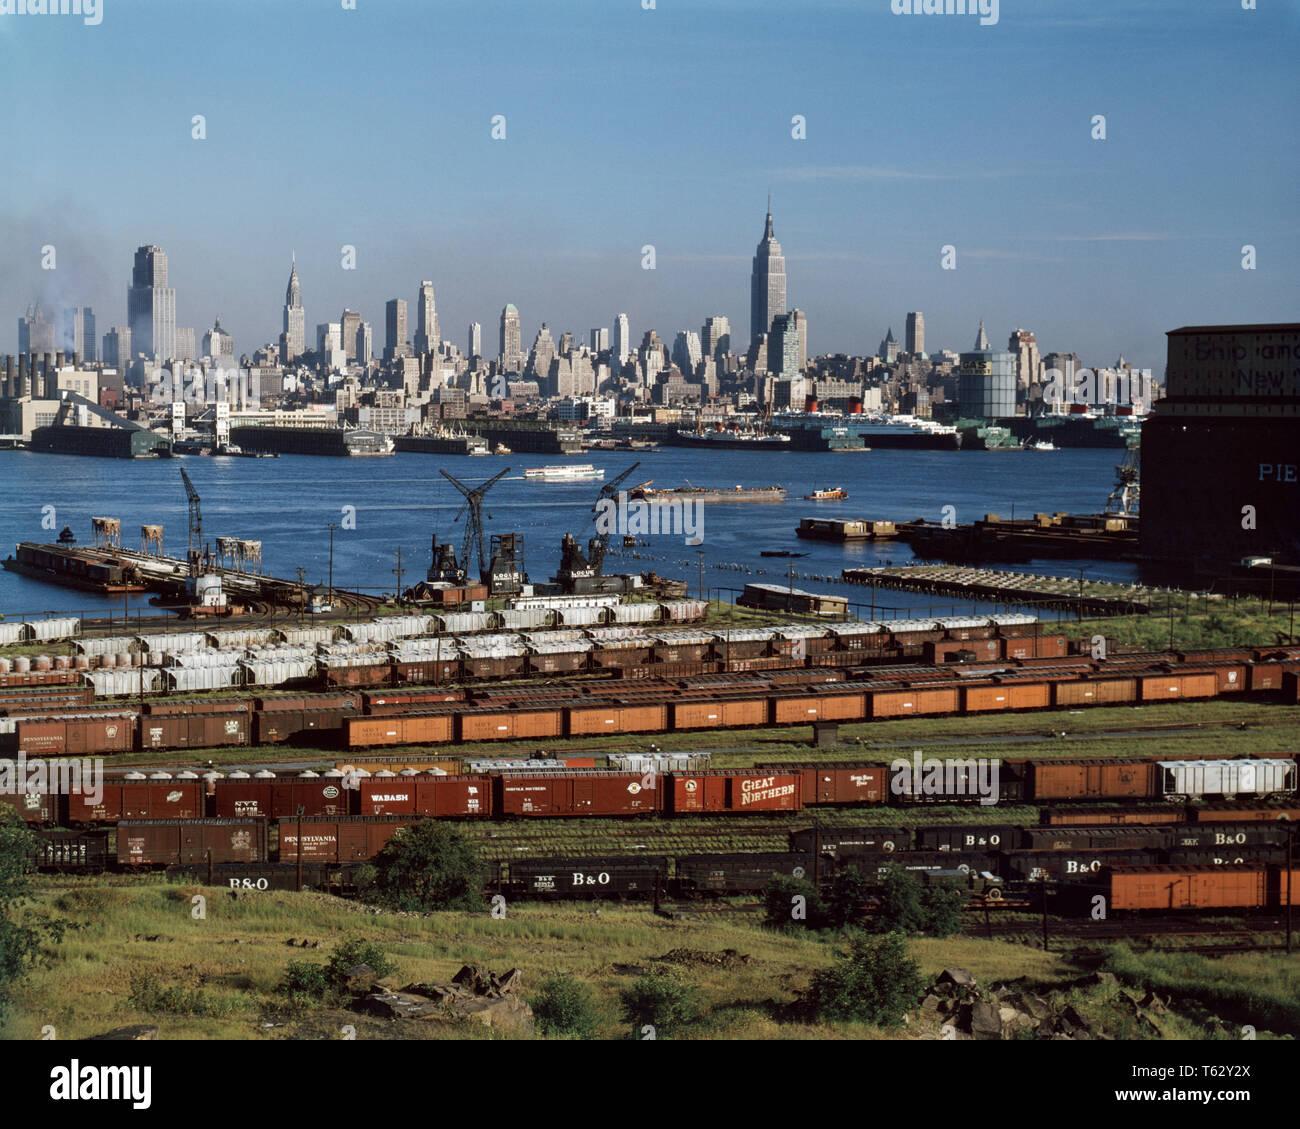 1960 Horizon Manhattan Midtown DE NEW JERSEY HUDSON RIVER BARGES NAVIRES INDUSTRIE FERROVIAIRE - kr4148 KRU001 HARS GRAND ANGLE NORD-AMÉRICAIN MIDTOWN FERROVIAIRE NORD-EST DU CENTRE URBAIN VOYAGES USA OCCASION NYC NEW YORK SUR LA CÔTE EST DE LA MOBILITÉ DES VILLES NEW YORK RAILROADS PRÈS D'OLD FASHIONED BARGES PANORAMIQUE Photo Stock